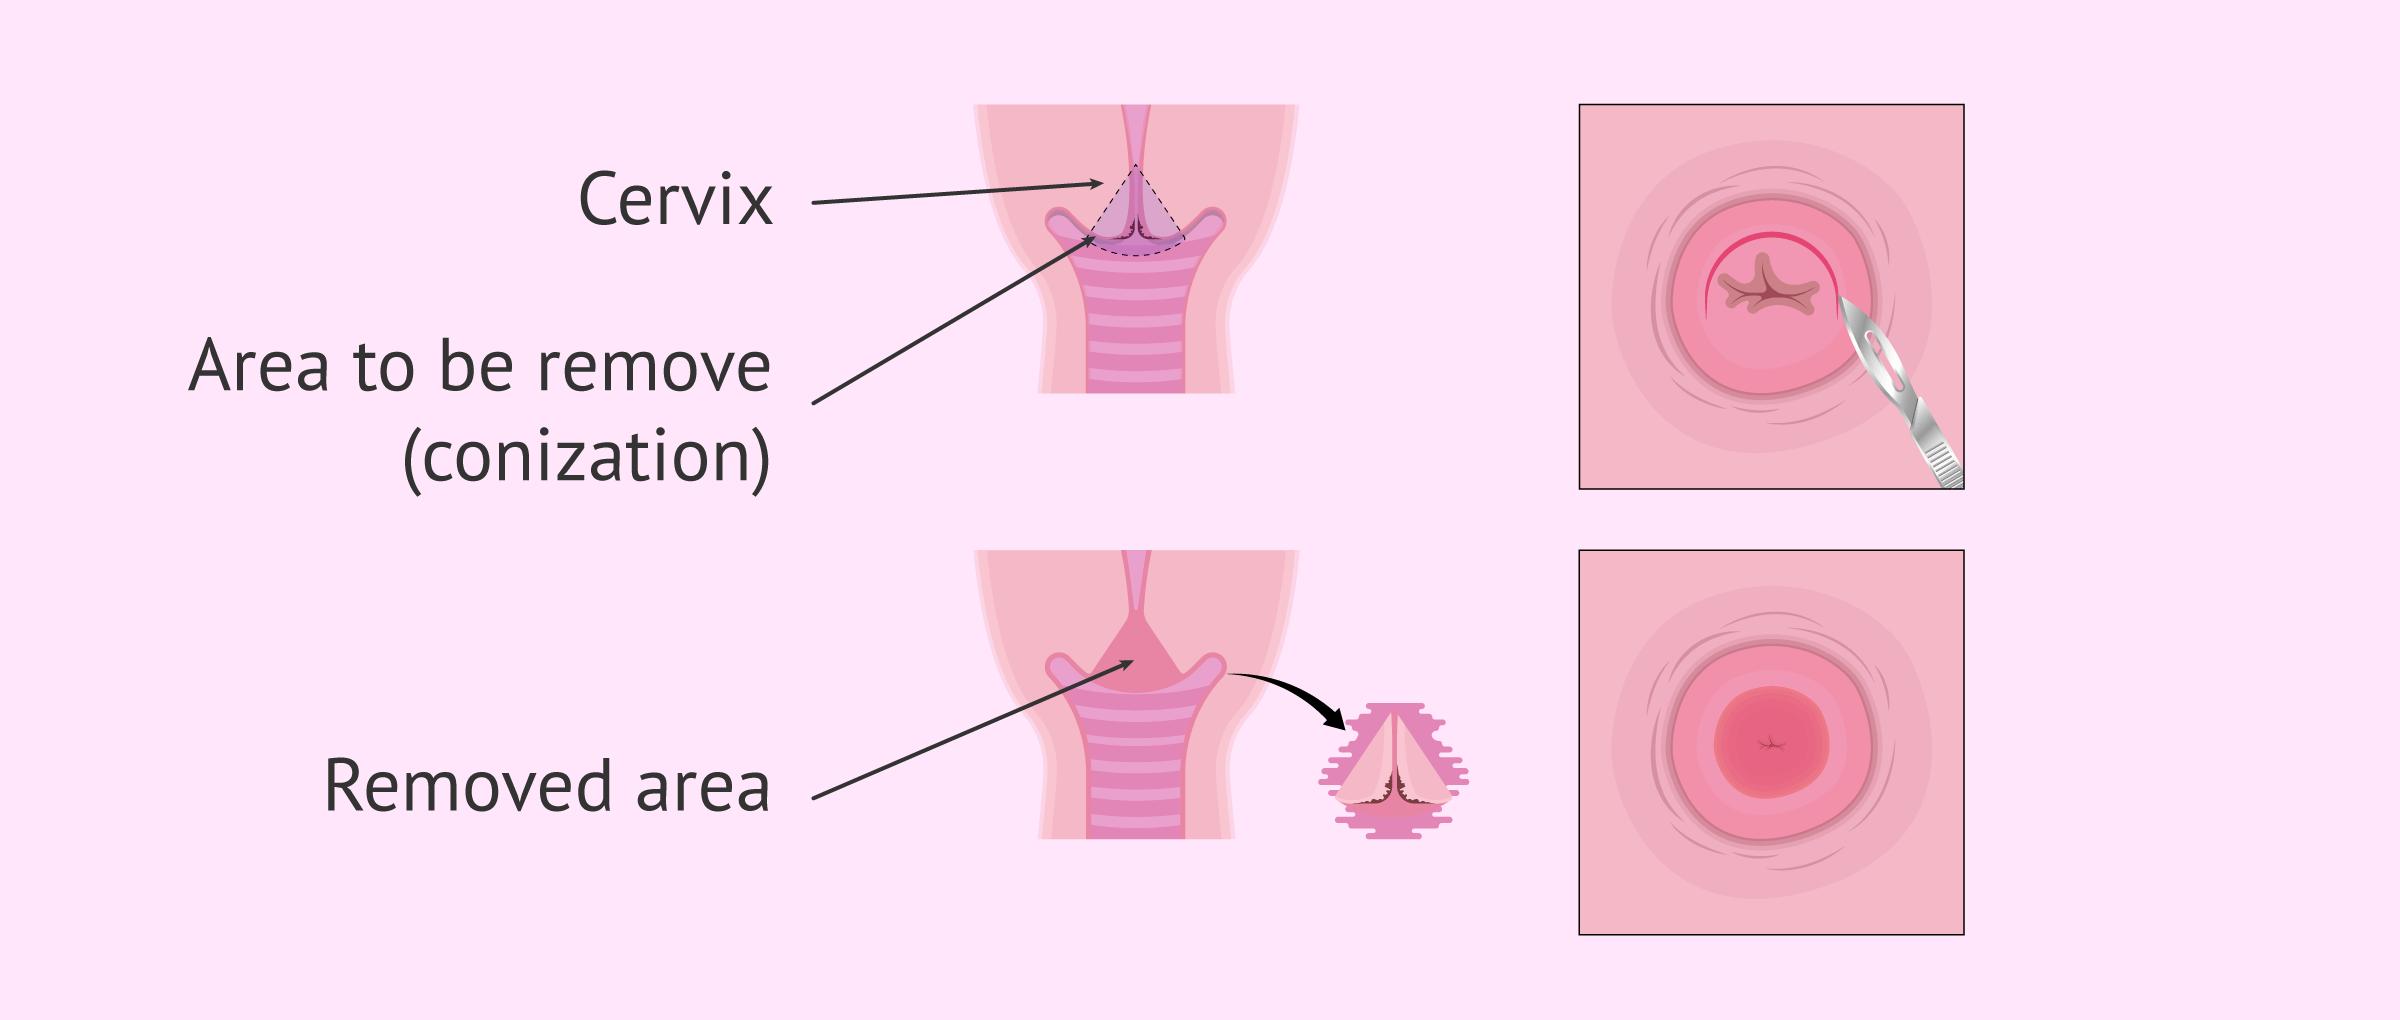 Imagen: Cervix conization